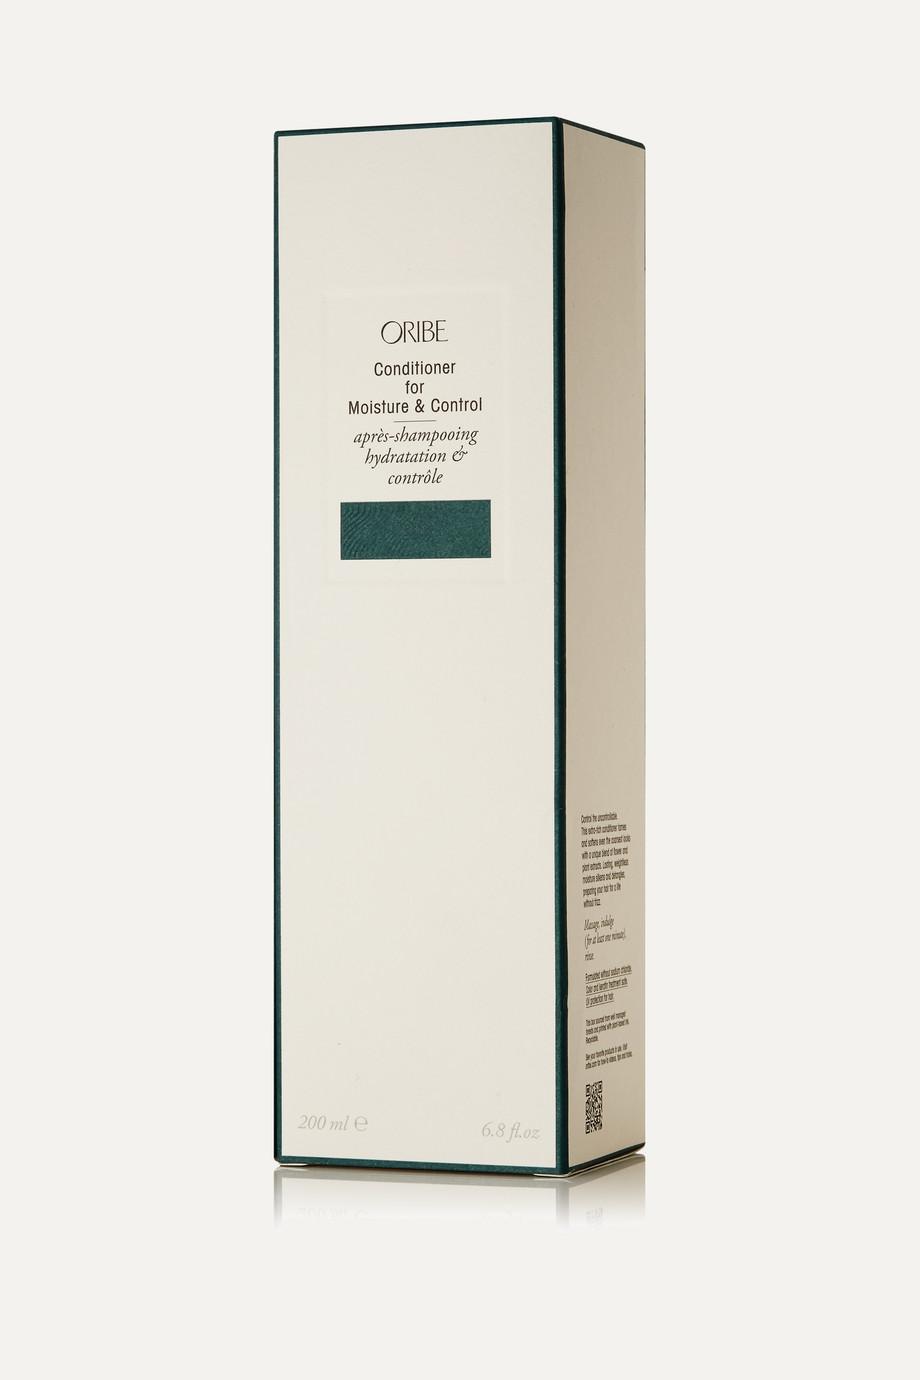 Oribe Conditioner for Moisture & Control, 200ml